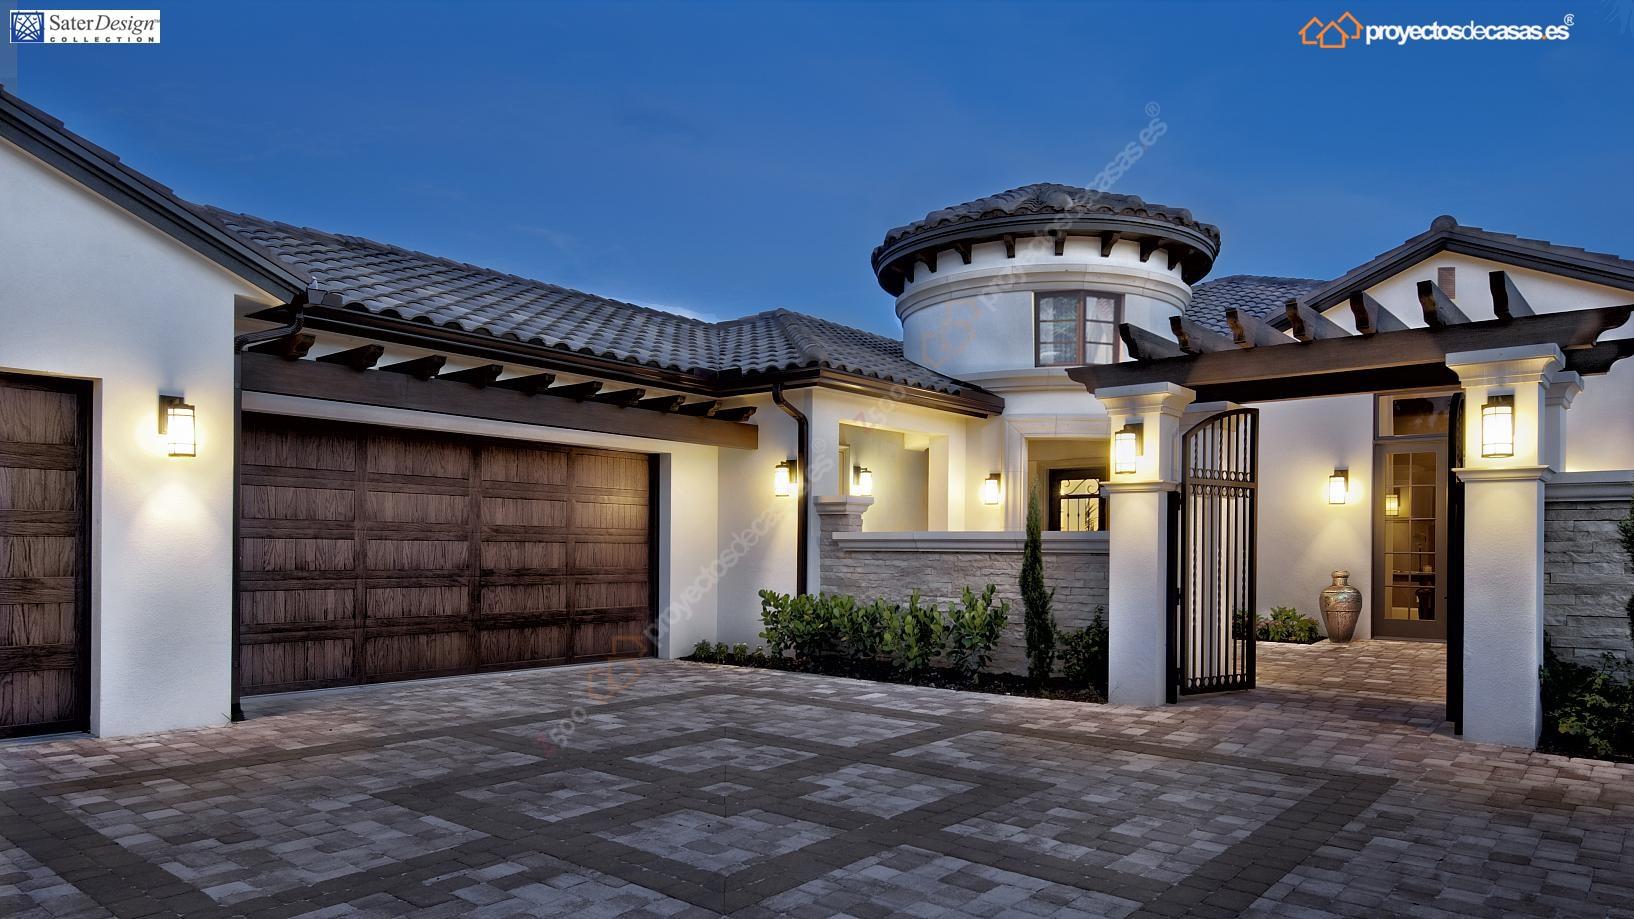 Proyectos de Casas  Marbella Casa de lujo estilo toscana  ProyectosDeCasas  diseamos y